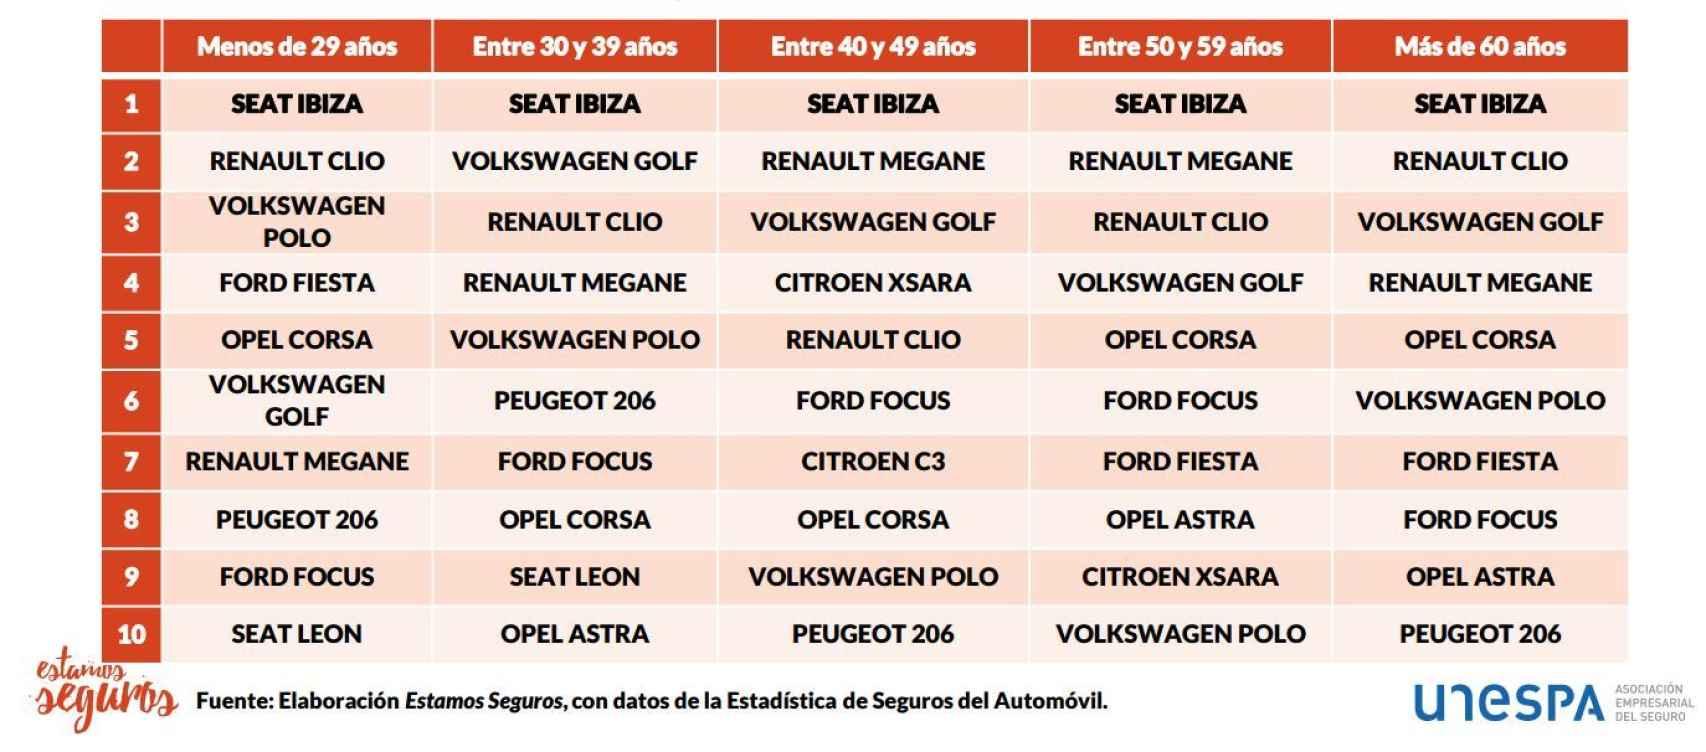 Evolución de los coches más extendidos según el modelo de vehículo y la edad de la conductora.